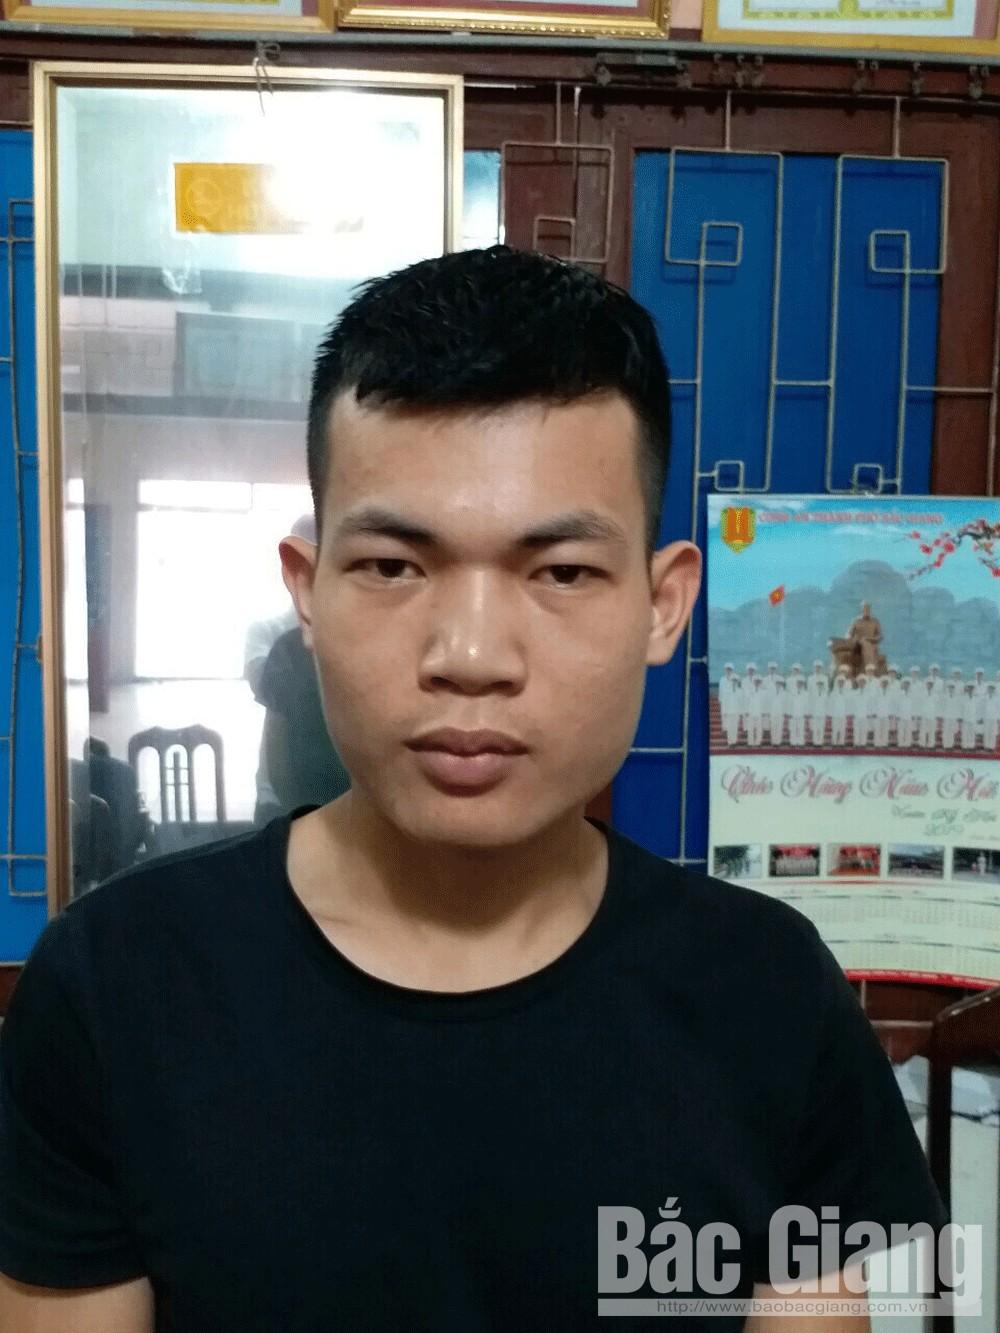 Công an thành phố Bắc Giang, cướp giật, cướp giật tài sản, Nguyễn Văn Đức